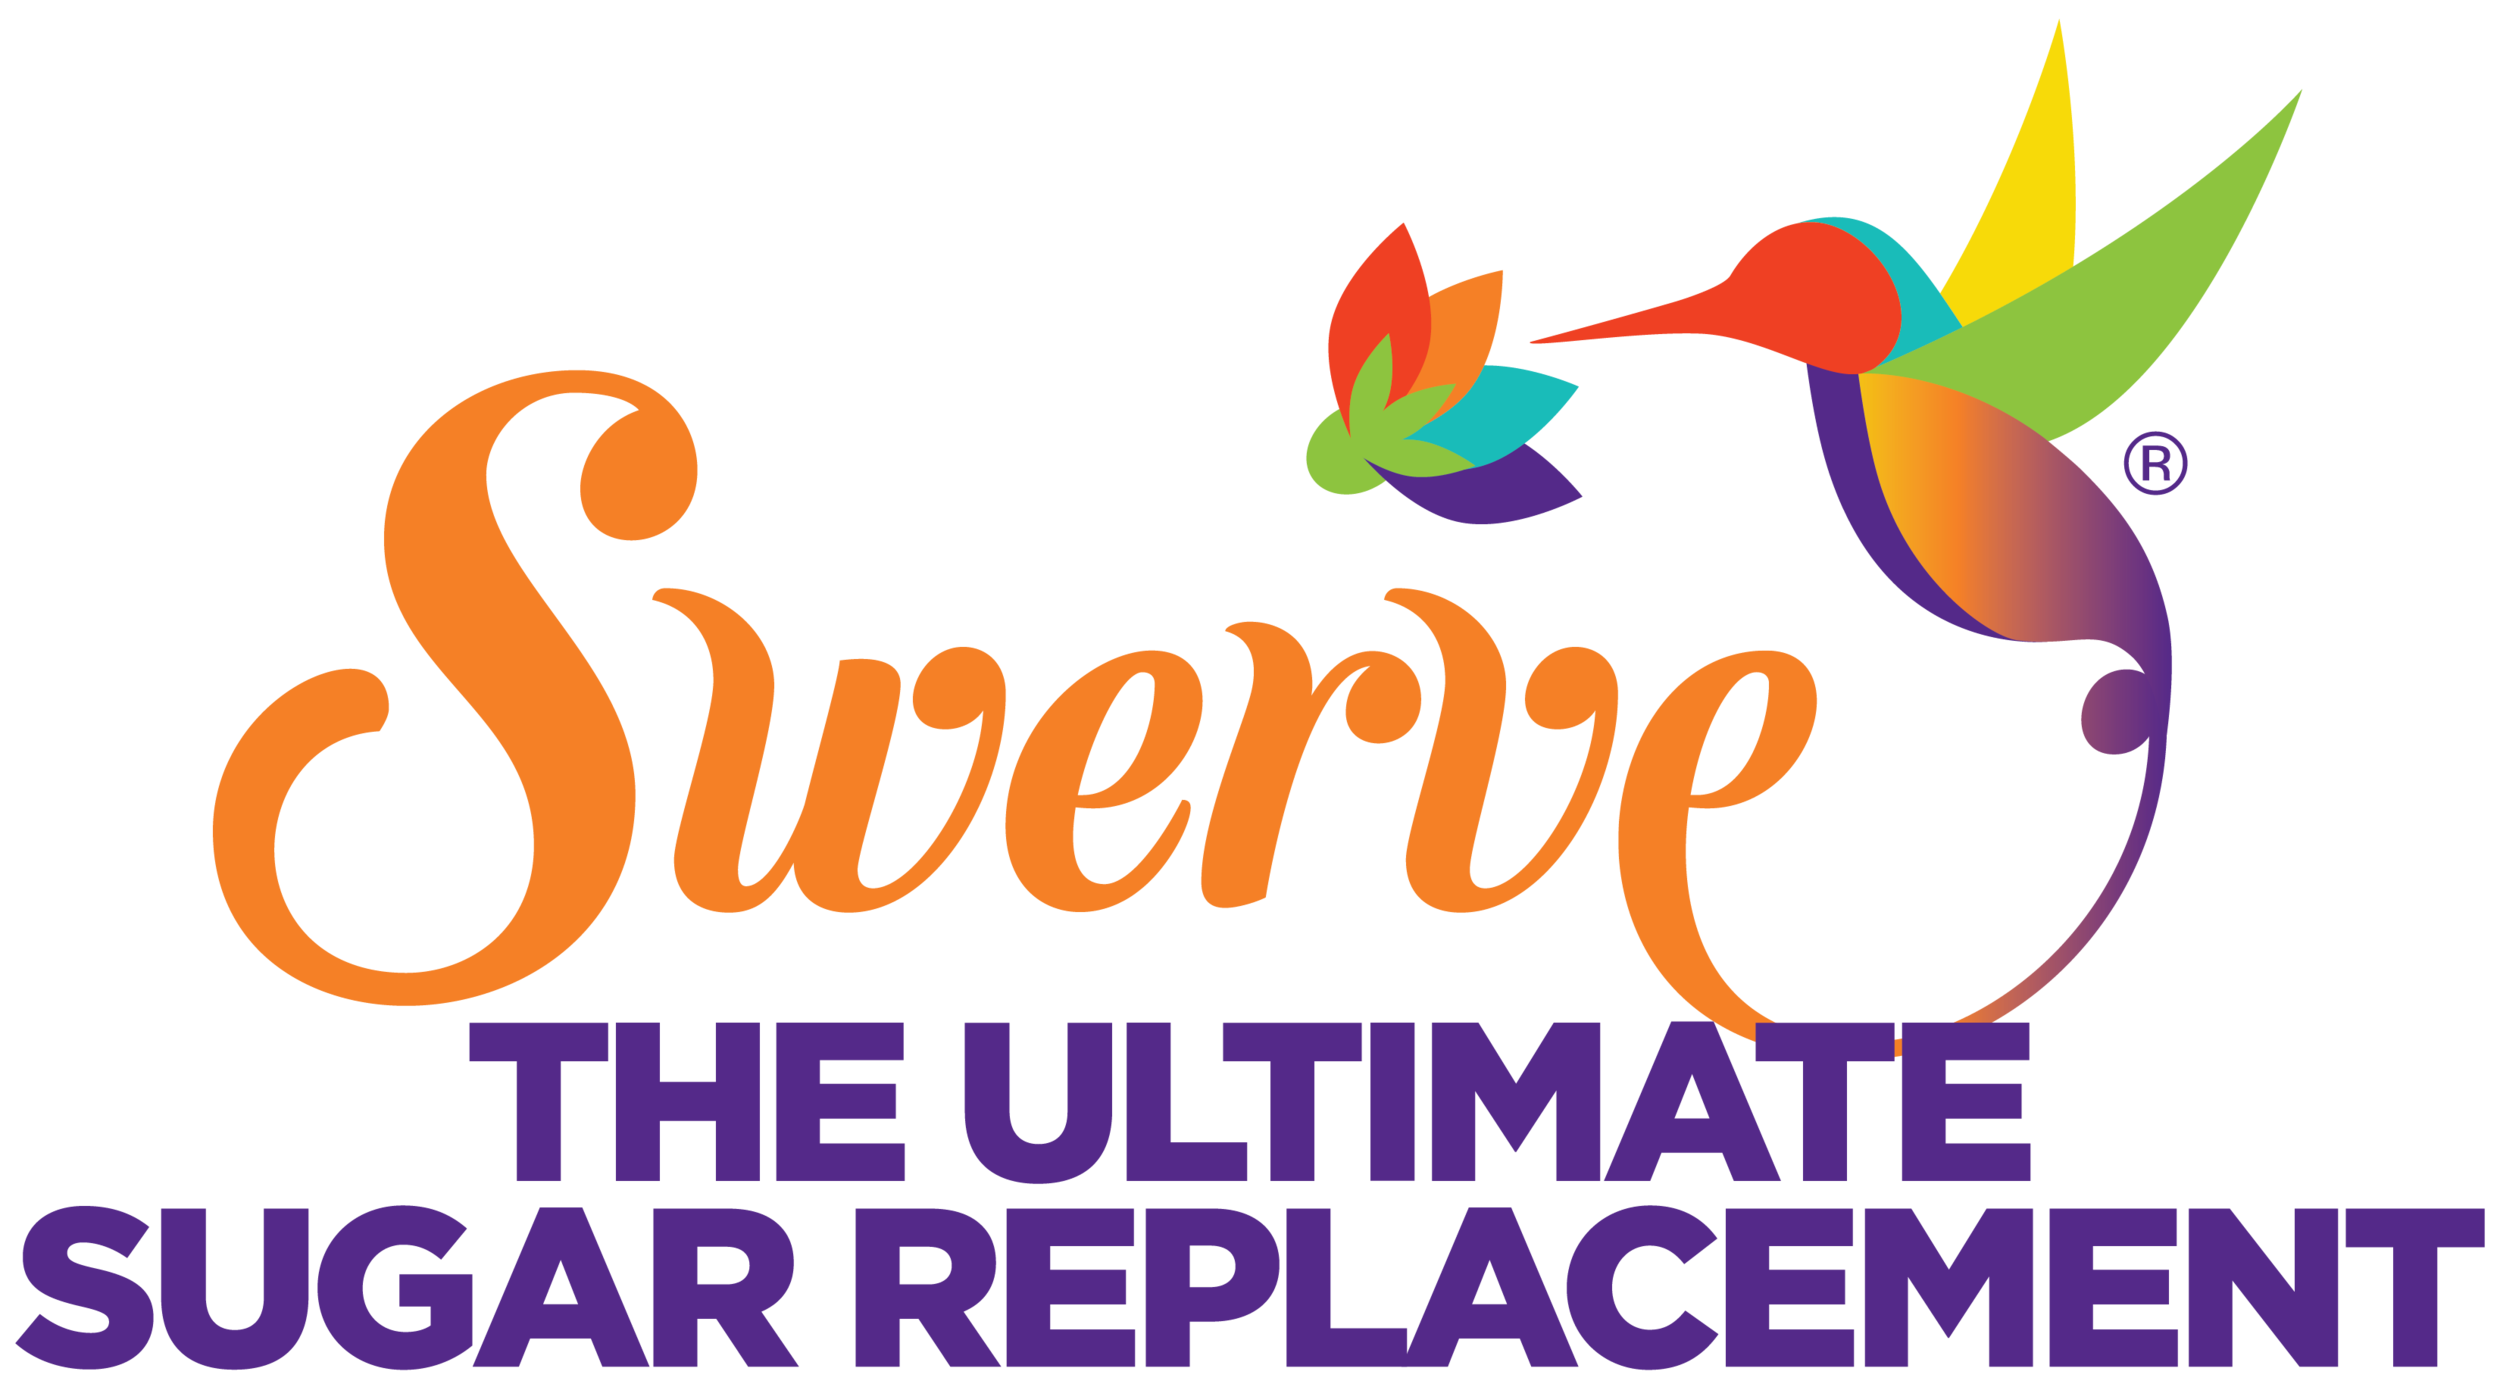 Swerve_UltimateLogo-01.png